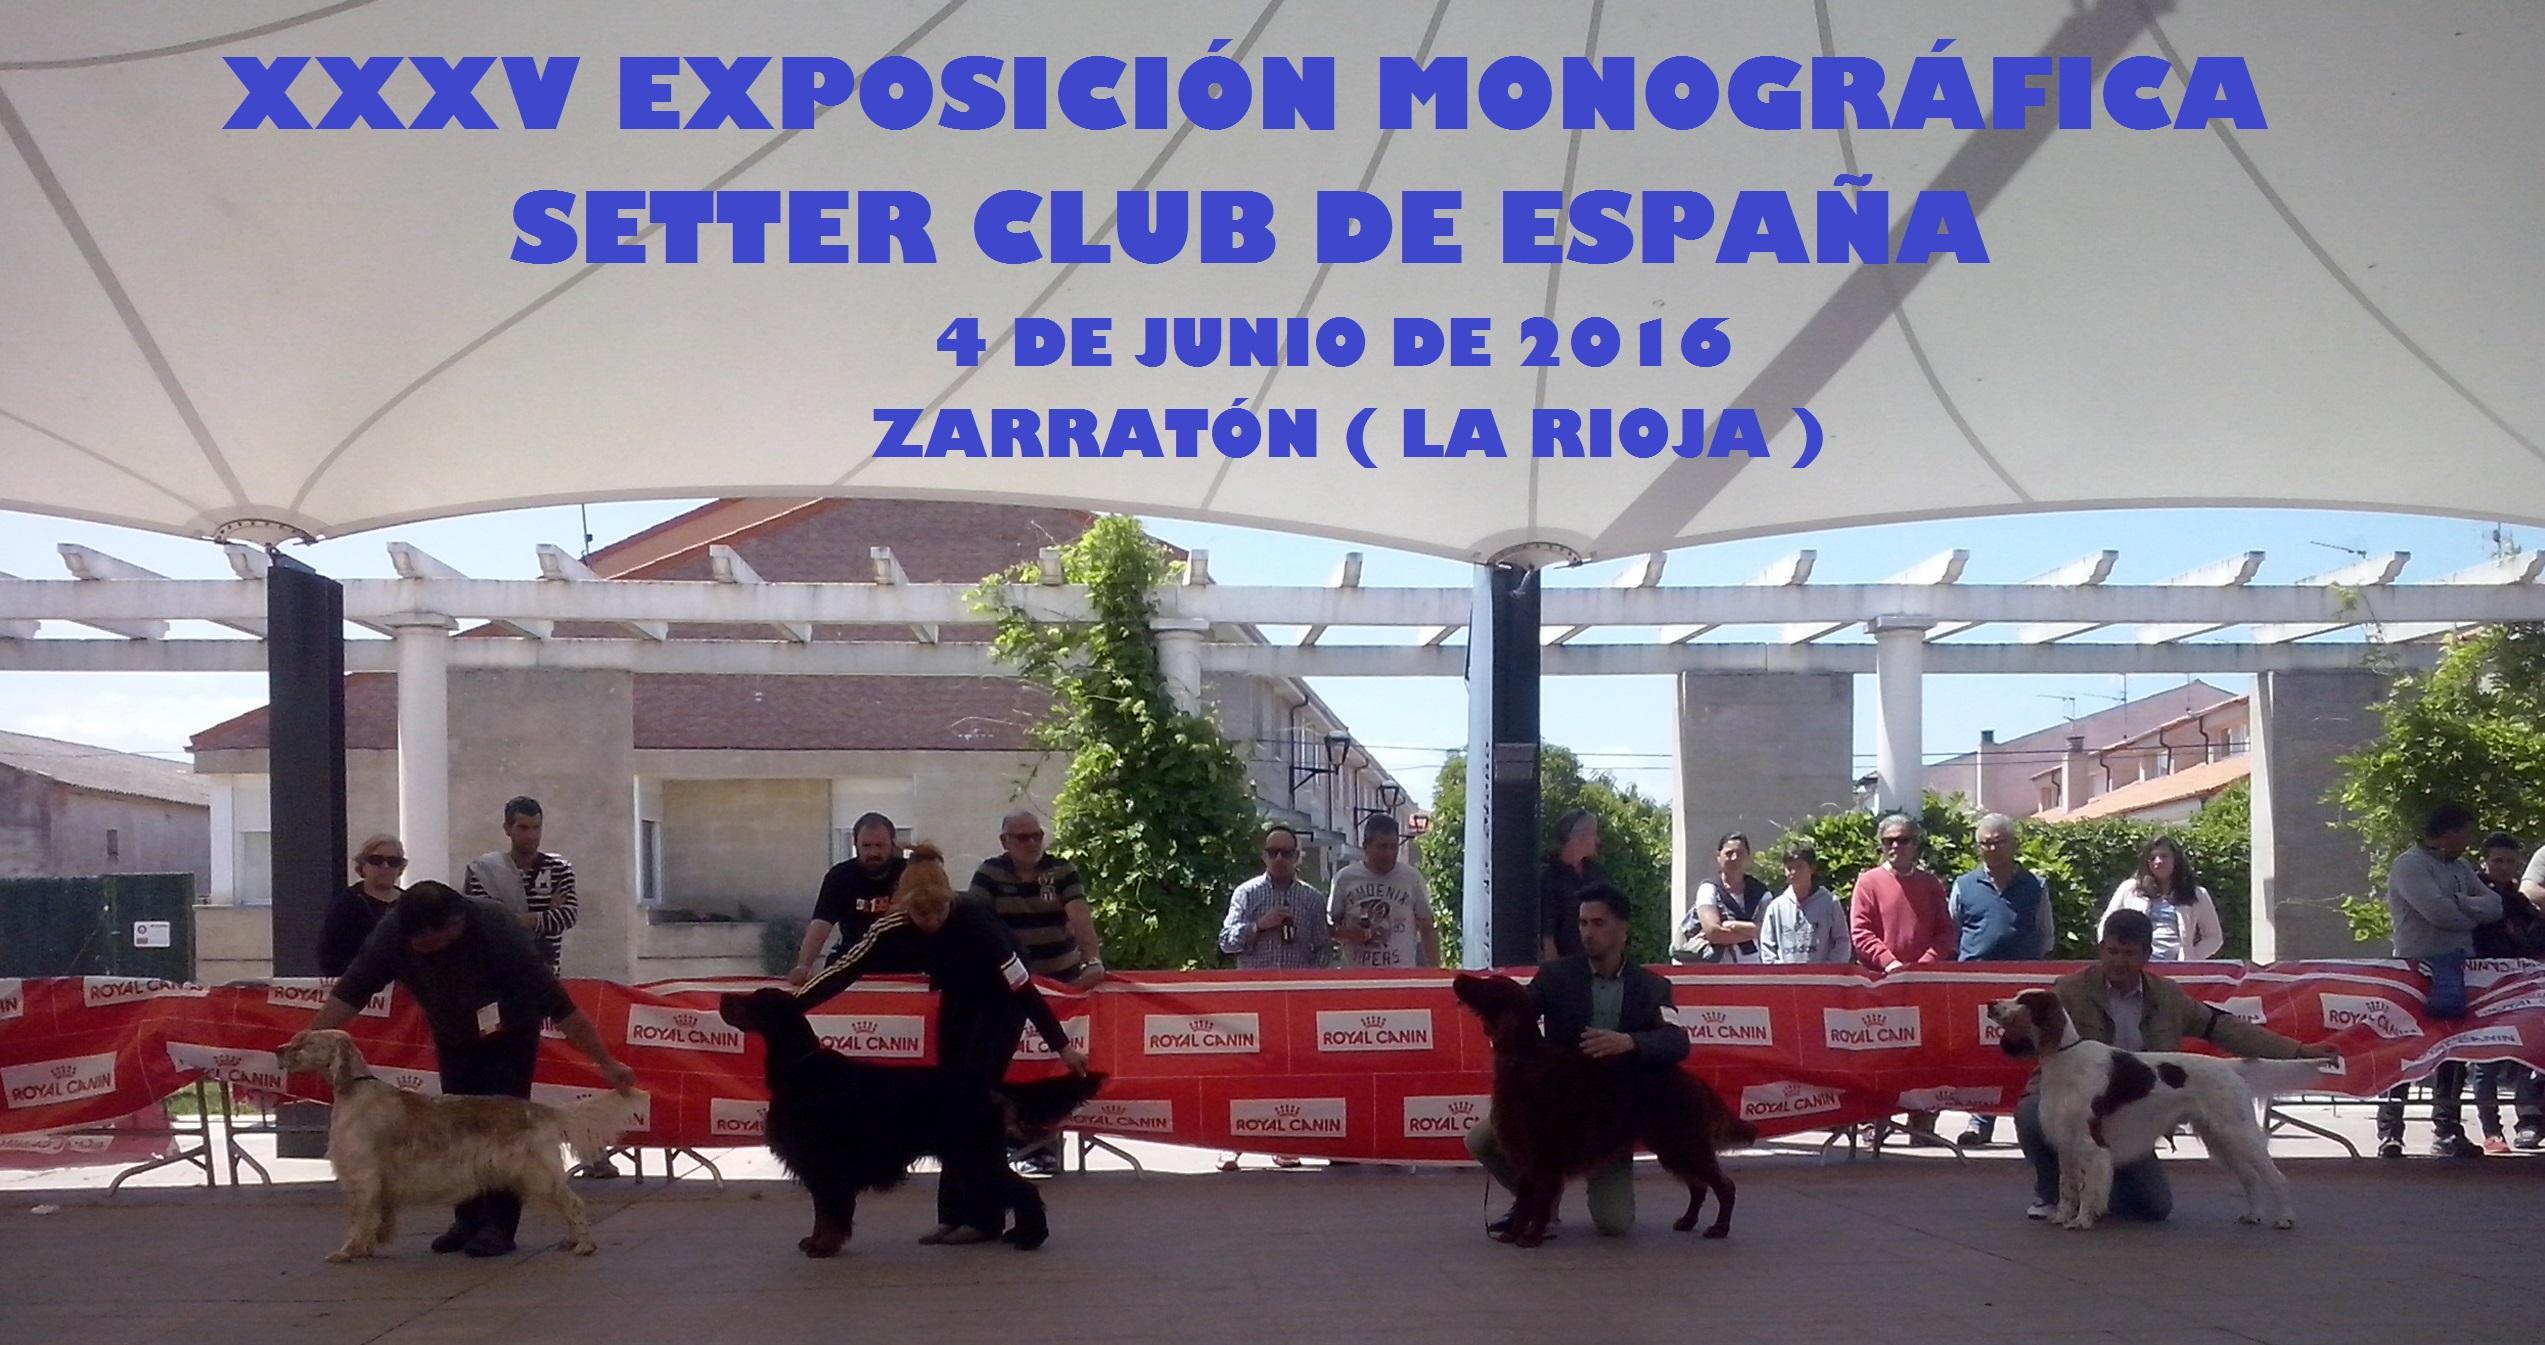 EXPOSICIÓN MONOGRÁFICA SETTER CLUB DE ESPAÑA